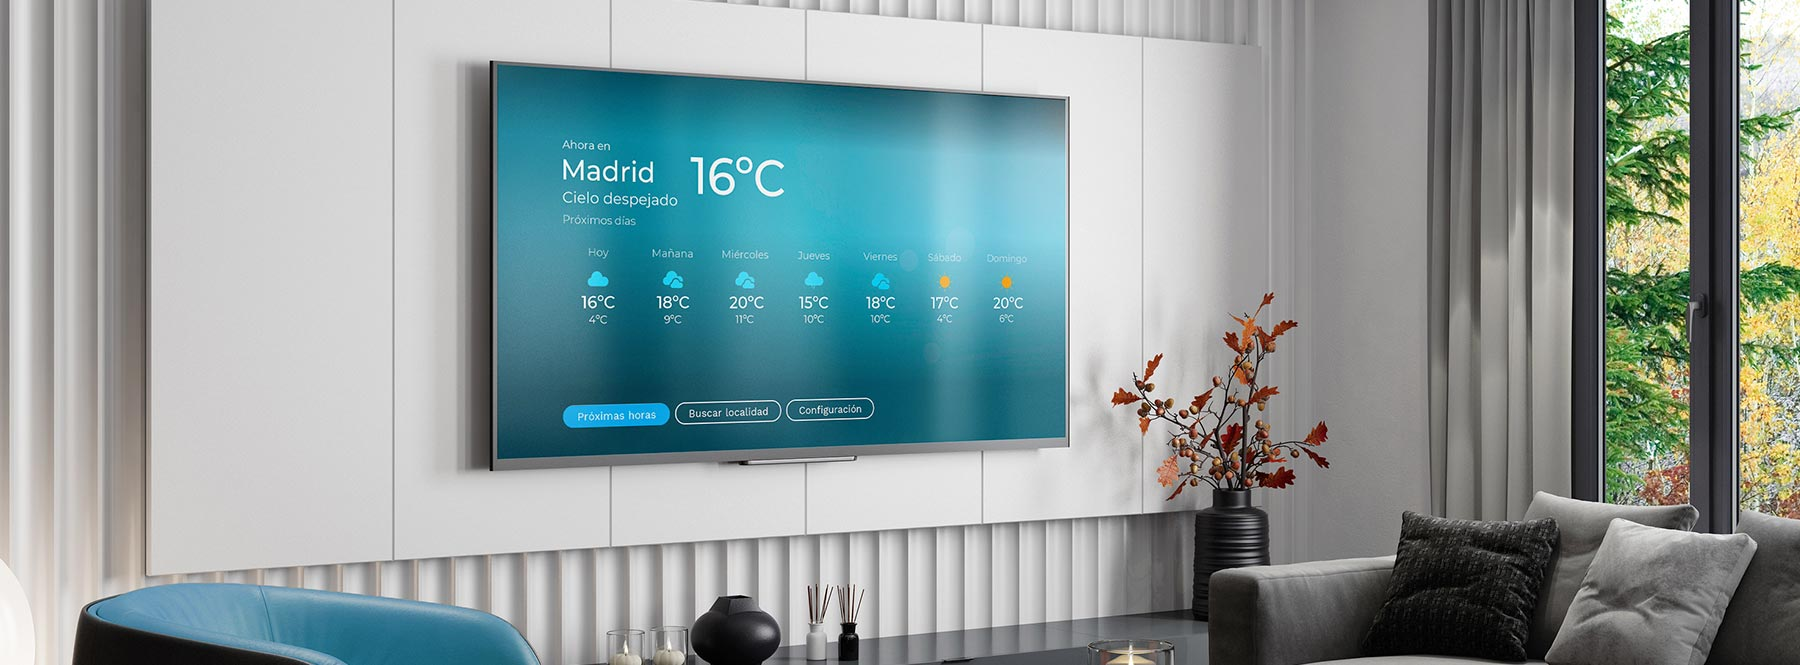 Living App de El Tiempo: consulta la previsión del tiempo de tu ciudad desde Movistar+